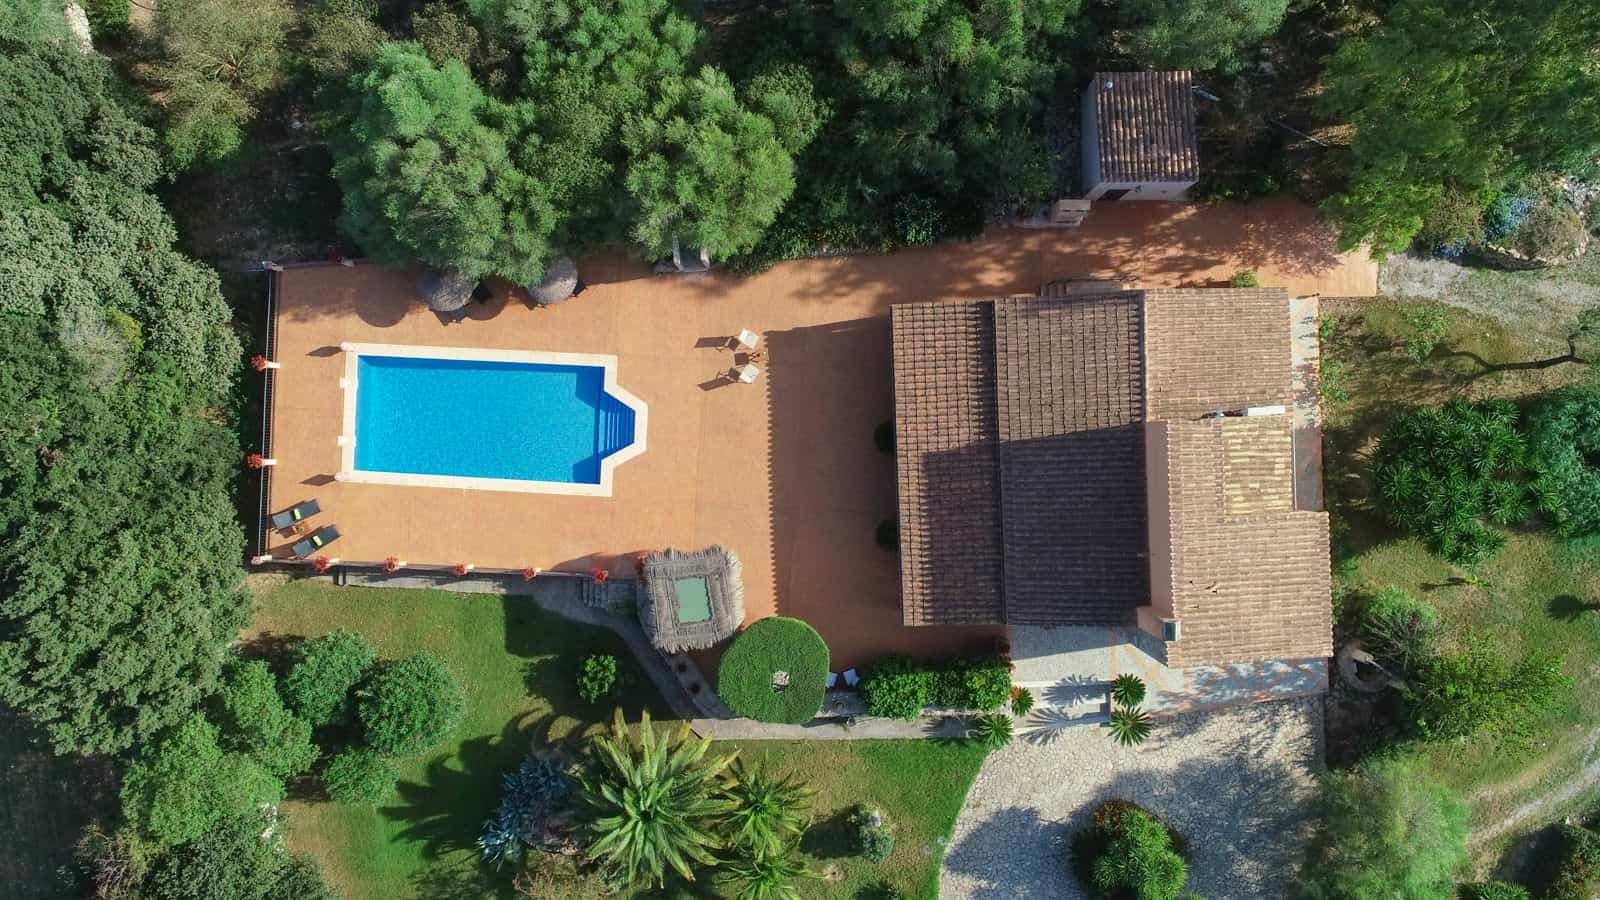 vista aerea casa de campo con piscina